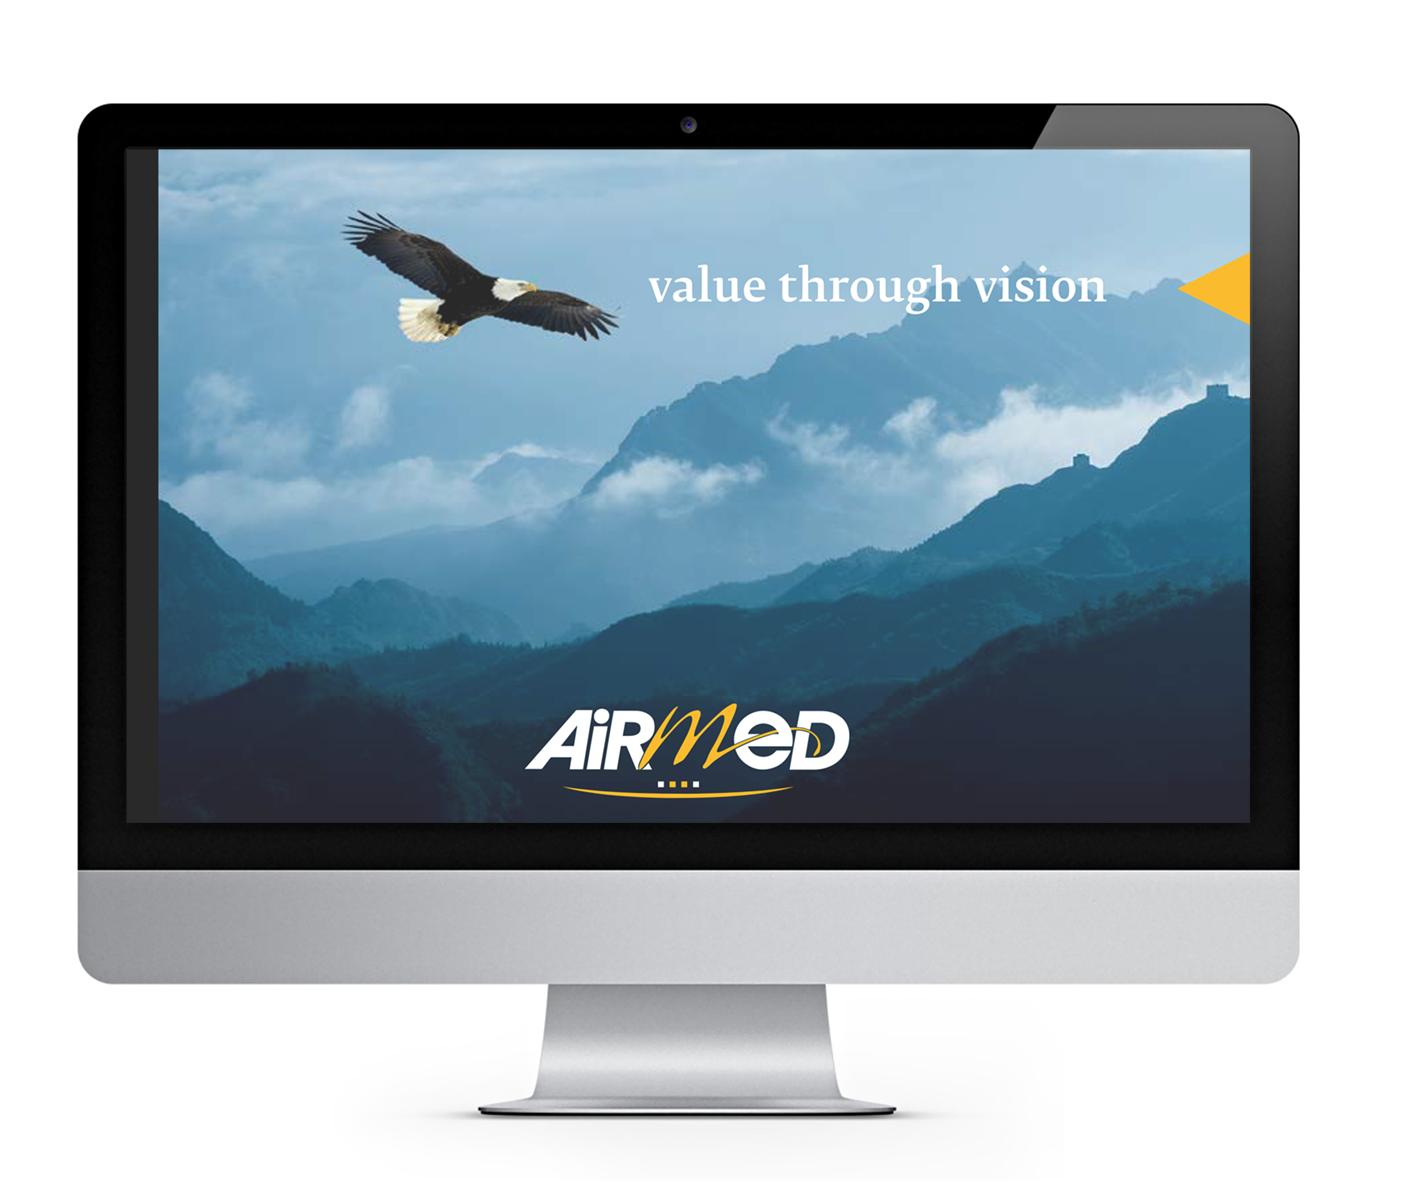 presentacion-airmed-1